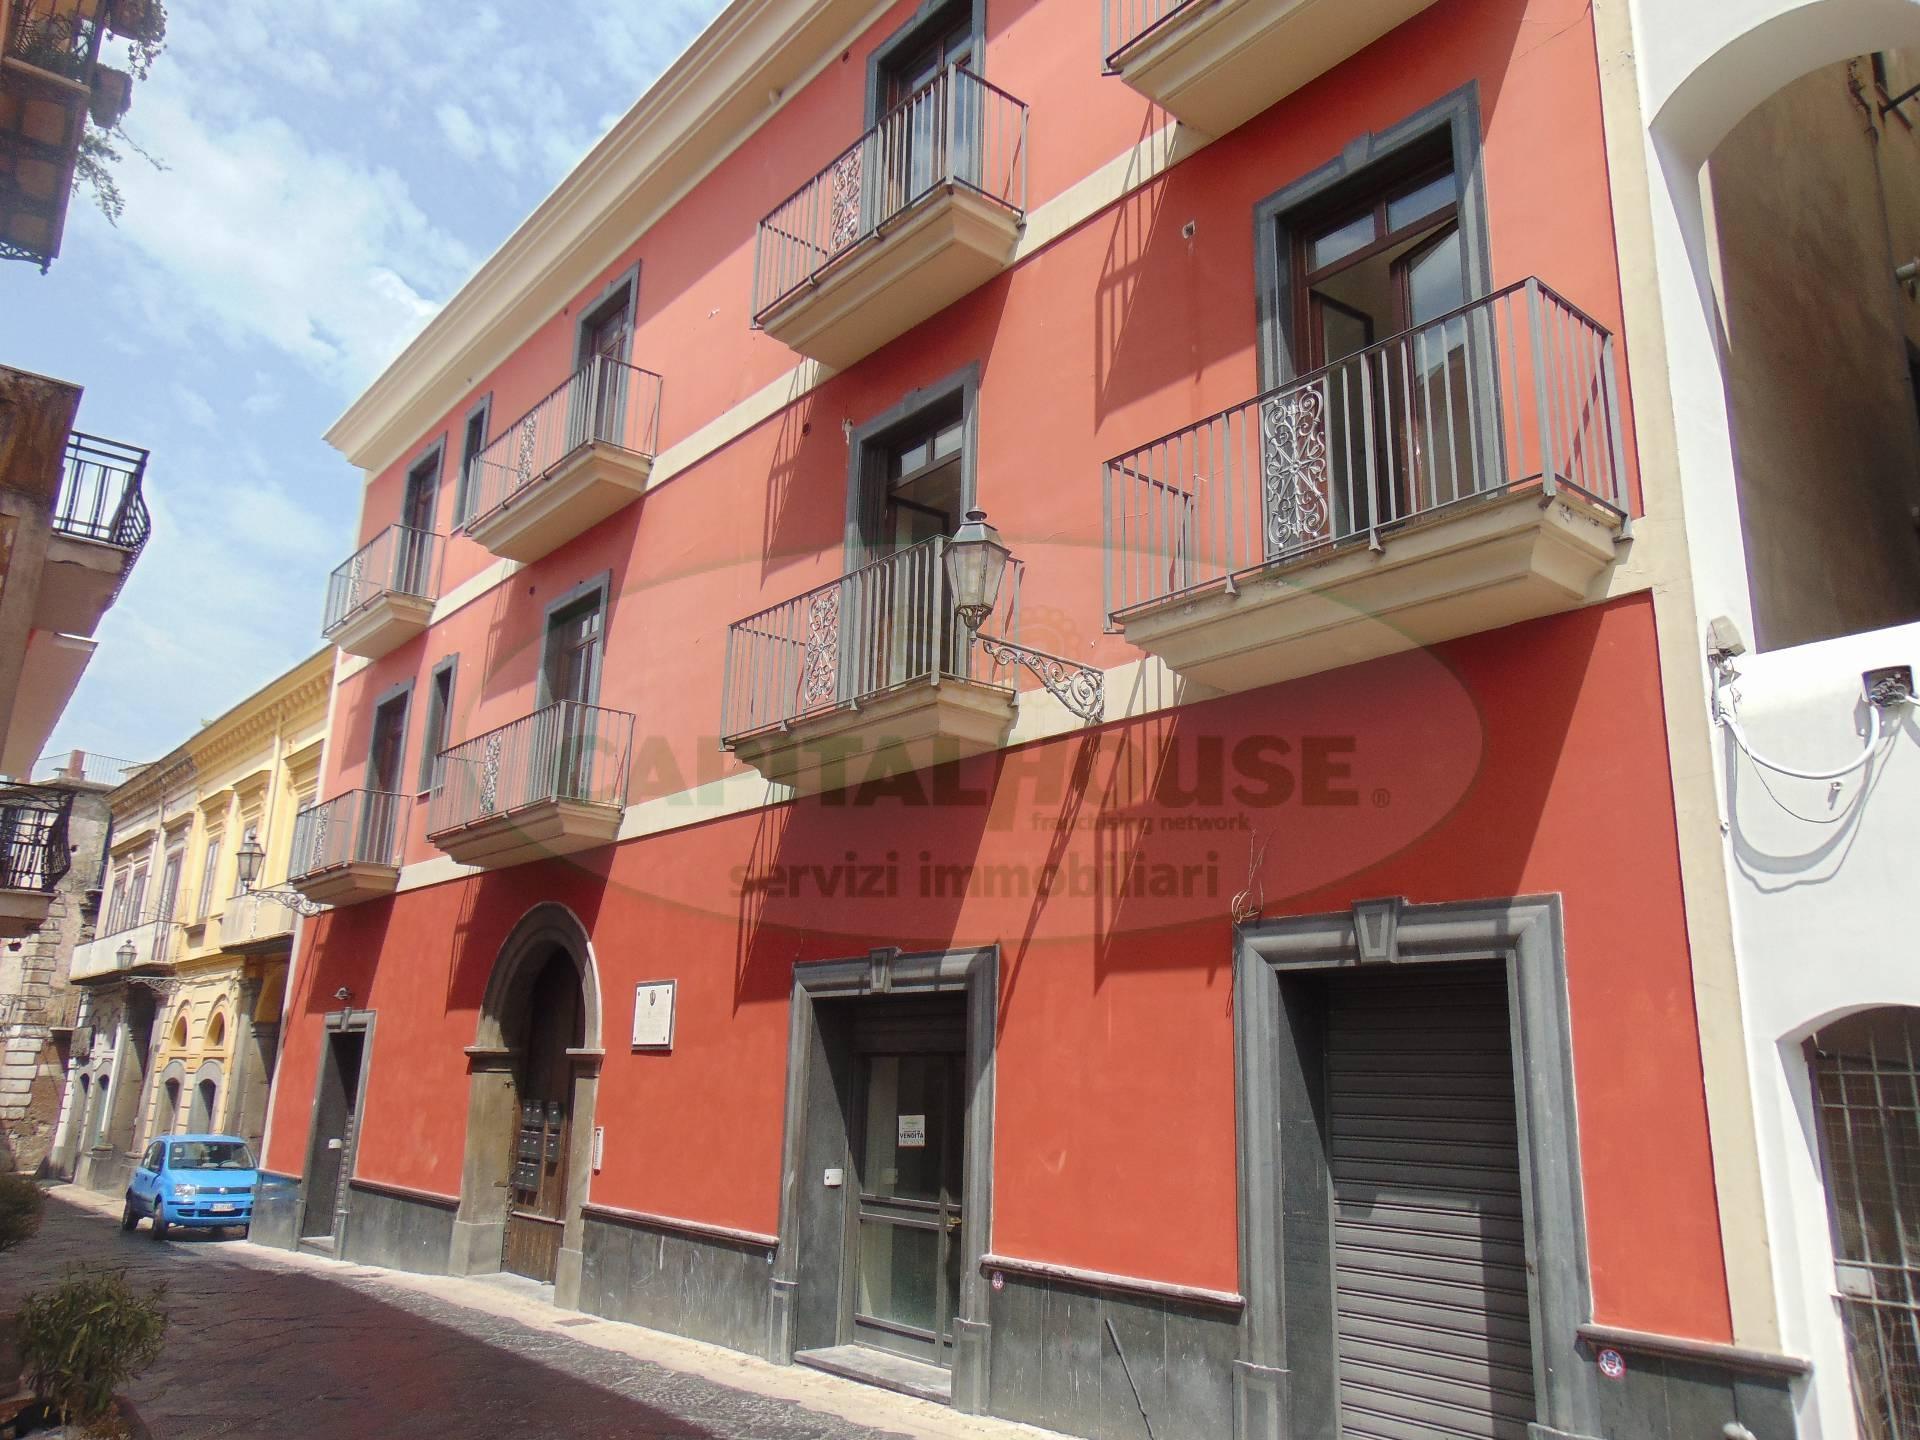 Appartamento in vendita a Avella, 3 locali, prezzo € 128.000 | CambioCasa.it